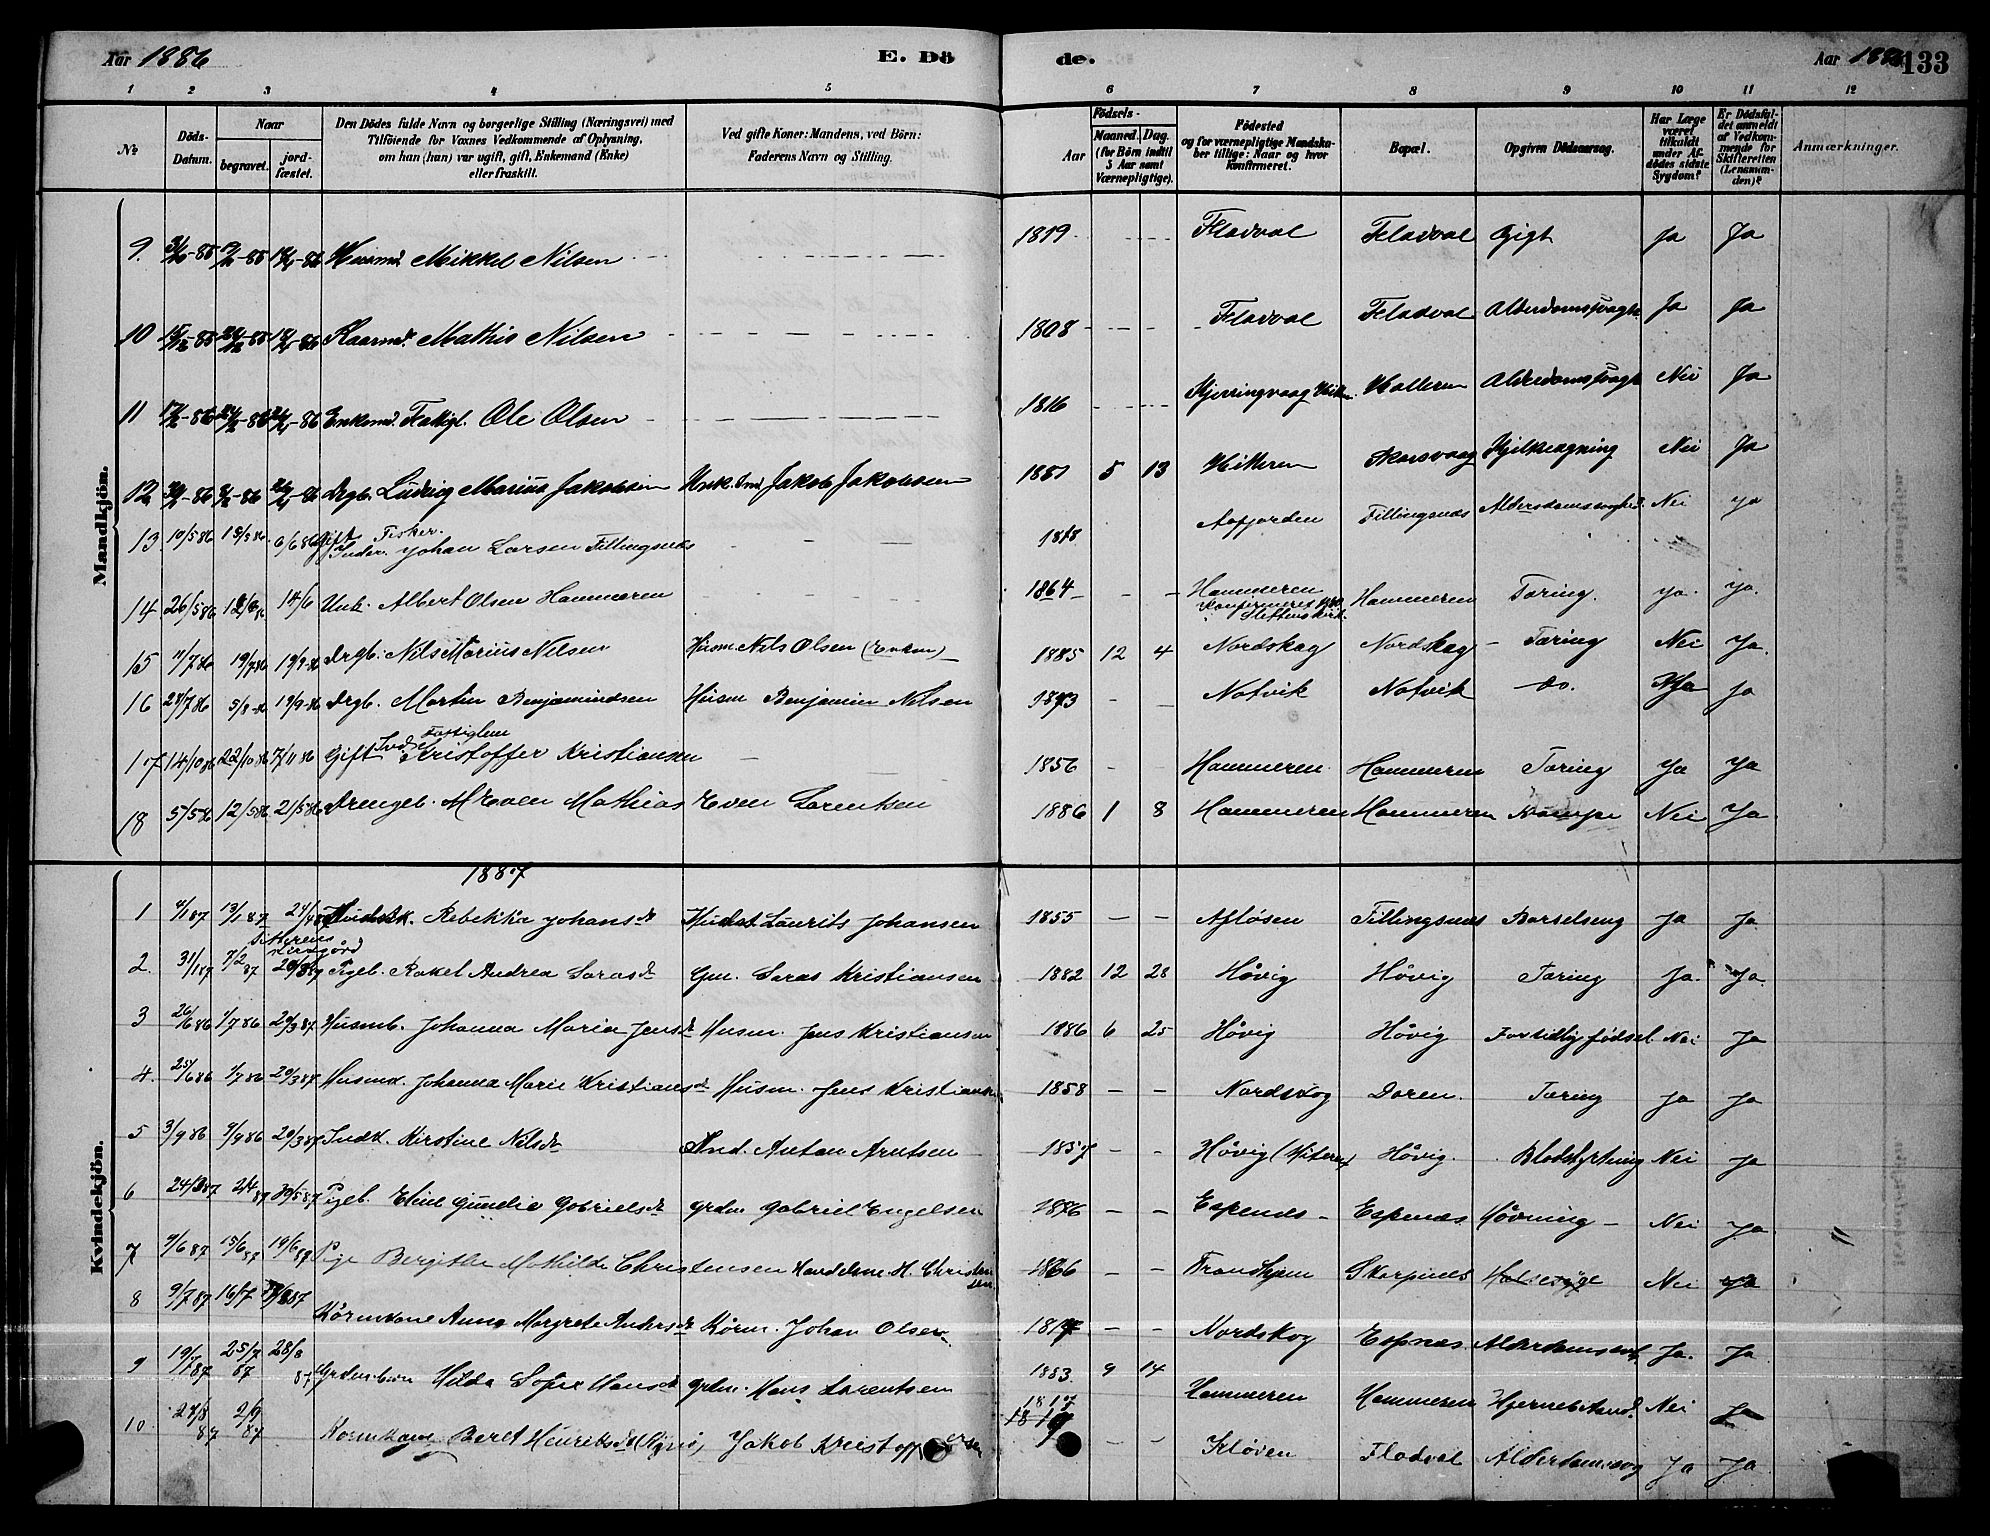 SAT, Ministerialprotokoller, klokkerbøker og fødselsregistre - Sør-Trøndelag, 641/L0597: Klokkerbok nr. 641C01, 1878-1893, s. 133